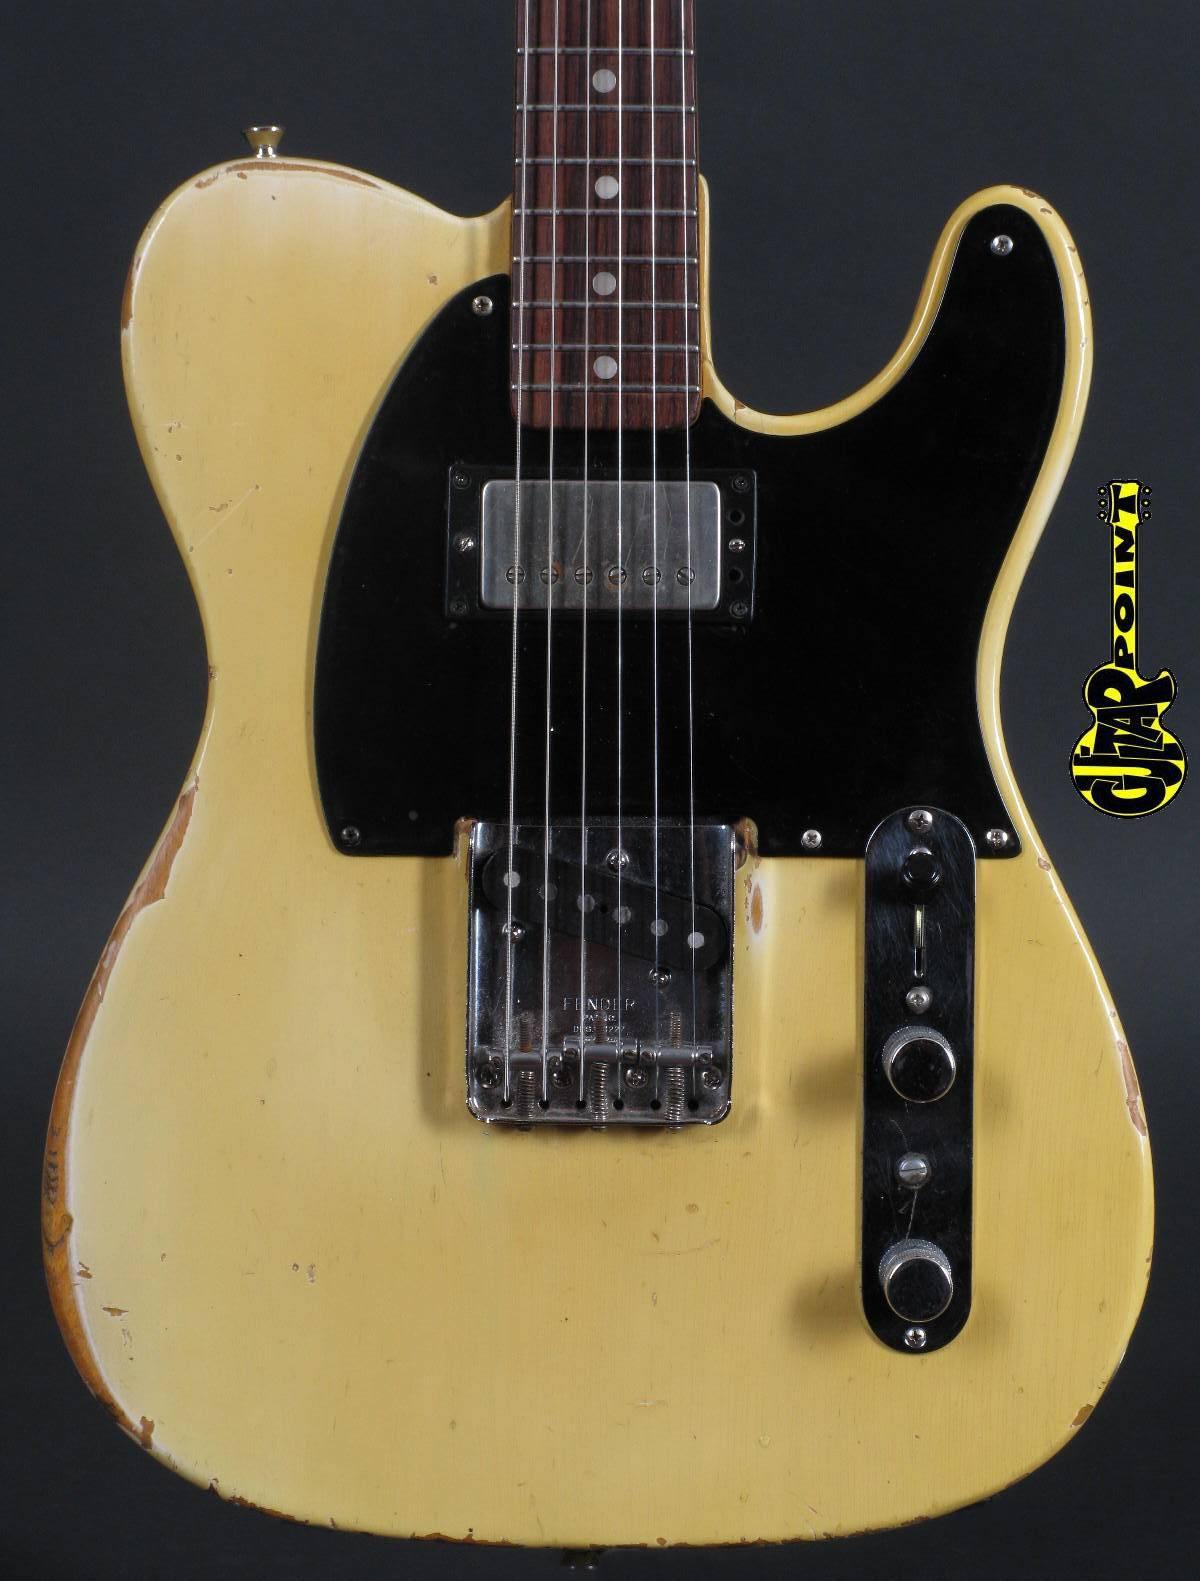 1972 Fender Telecaster HB - Blond